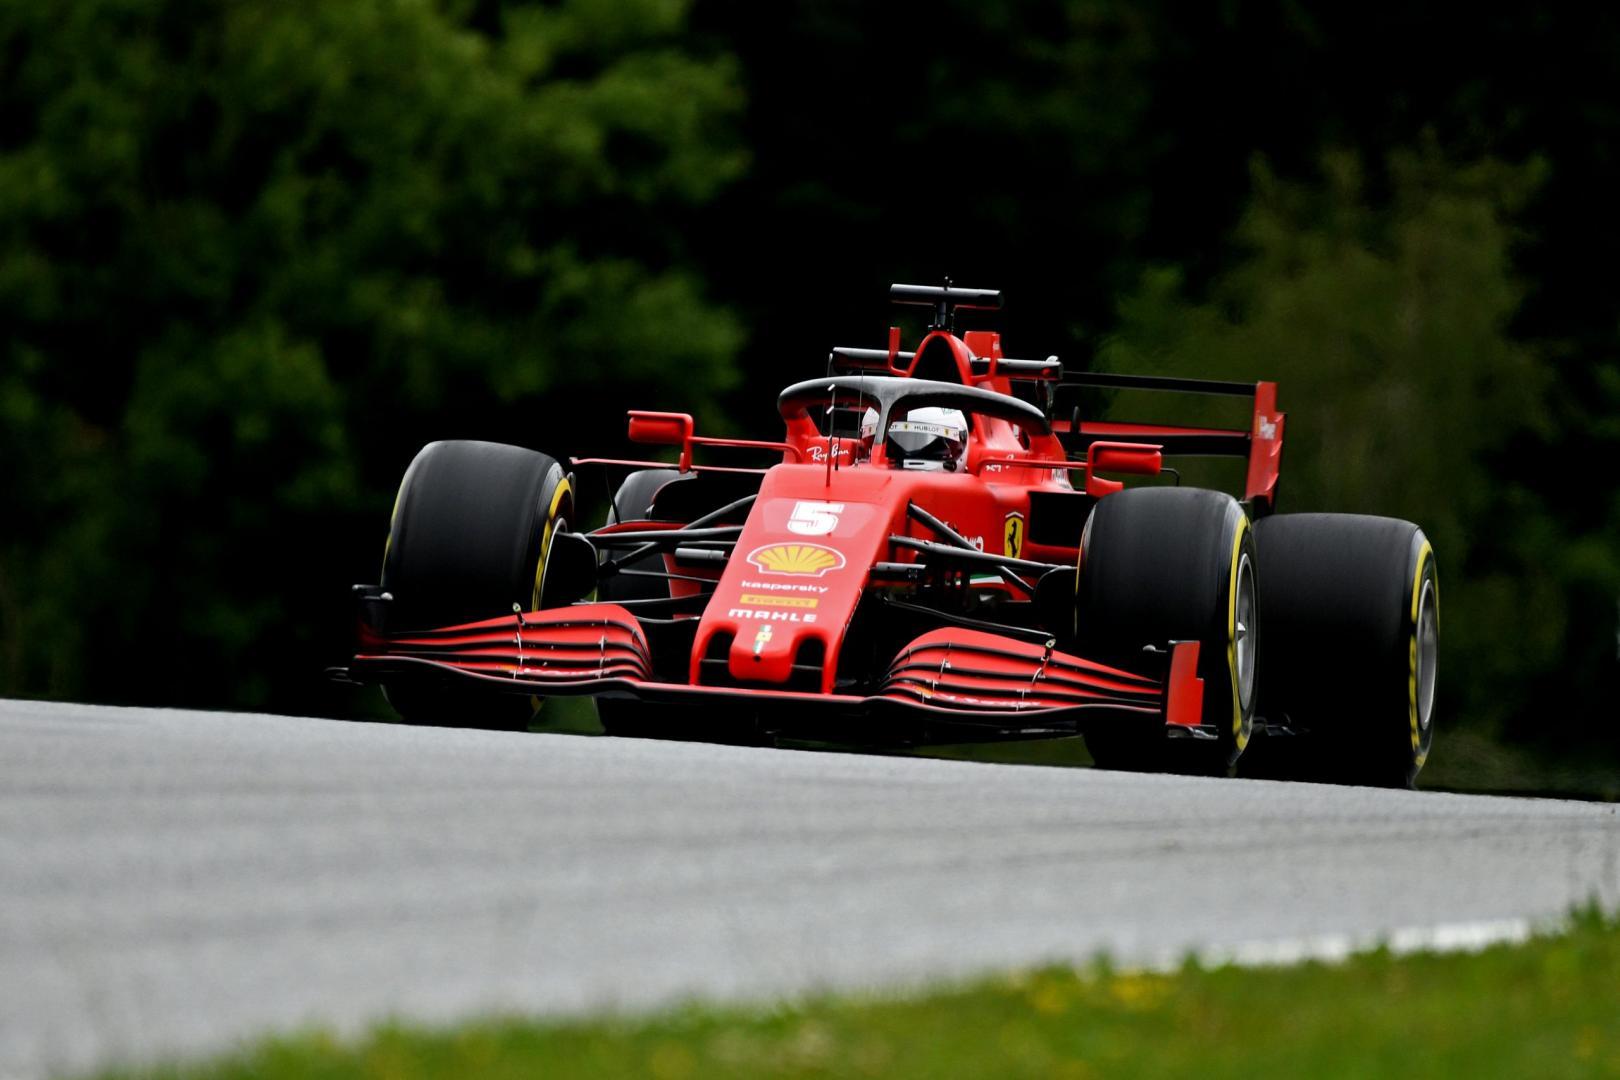 Kwalificatie van de GP van Oostenrijk 2020